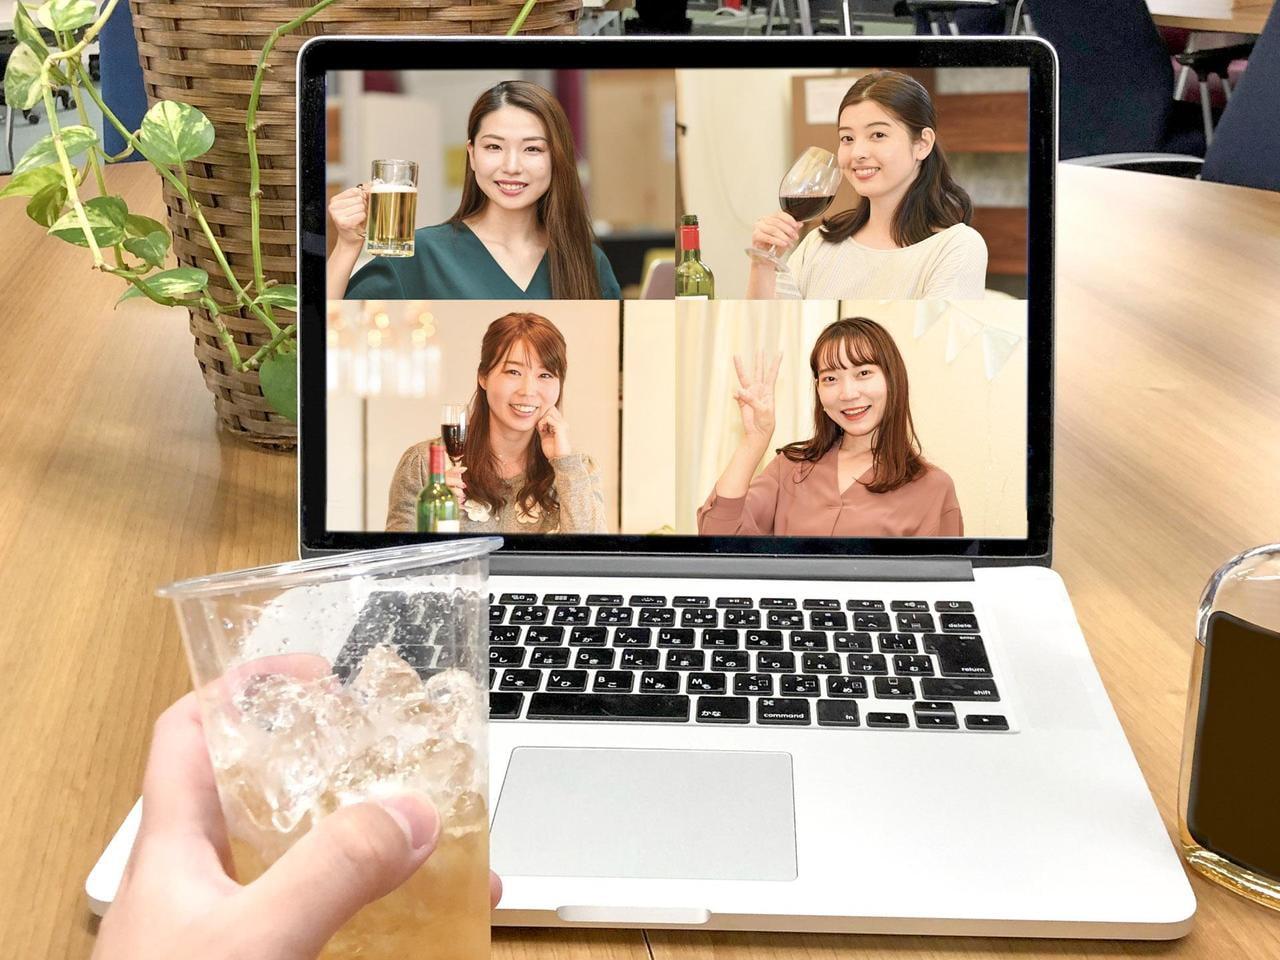 【比較】オンライン飲み会におすすめ!無料ビデオ通話アプリ・ツール6選